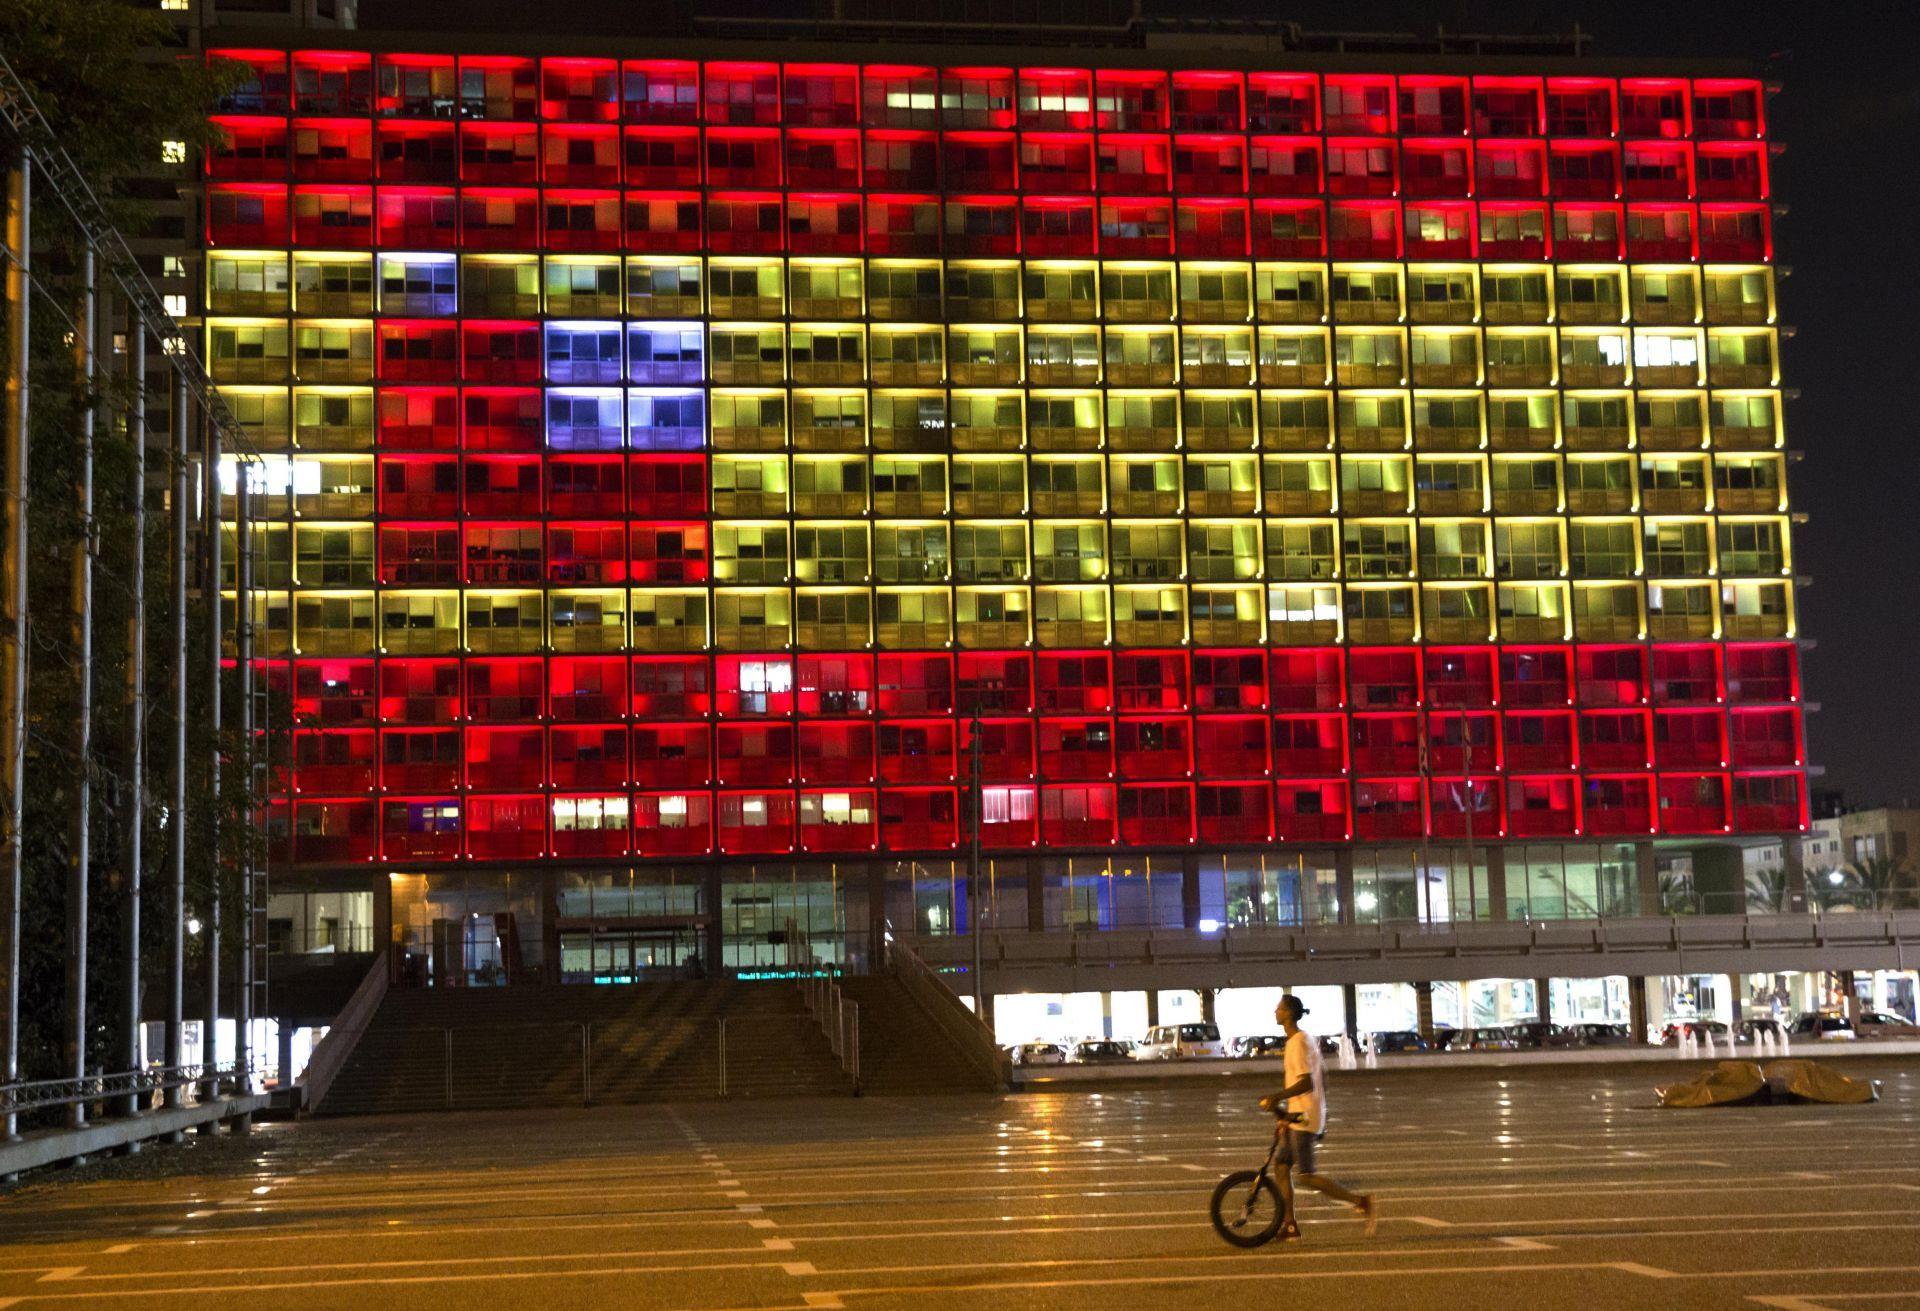 Las franjas rojas y amarilla de la bandera de España iluminan hoy, jueves 17 de agosto de 2017, en honor a los 13 muertos y a los los más de 50 heridos en el atentado de Barcelona, en el Ayuntamiento de Tel Aviv, en el parque Rabin, en Tel Aviv (Israel).